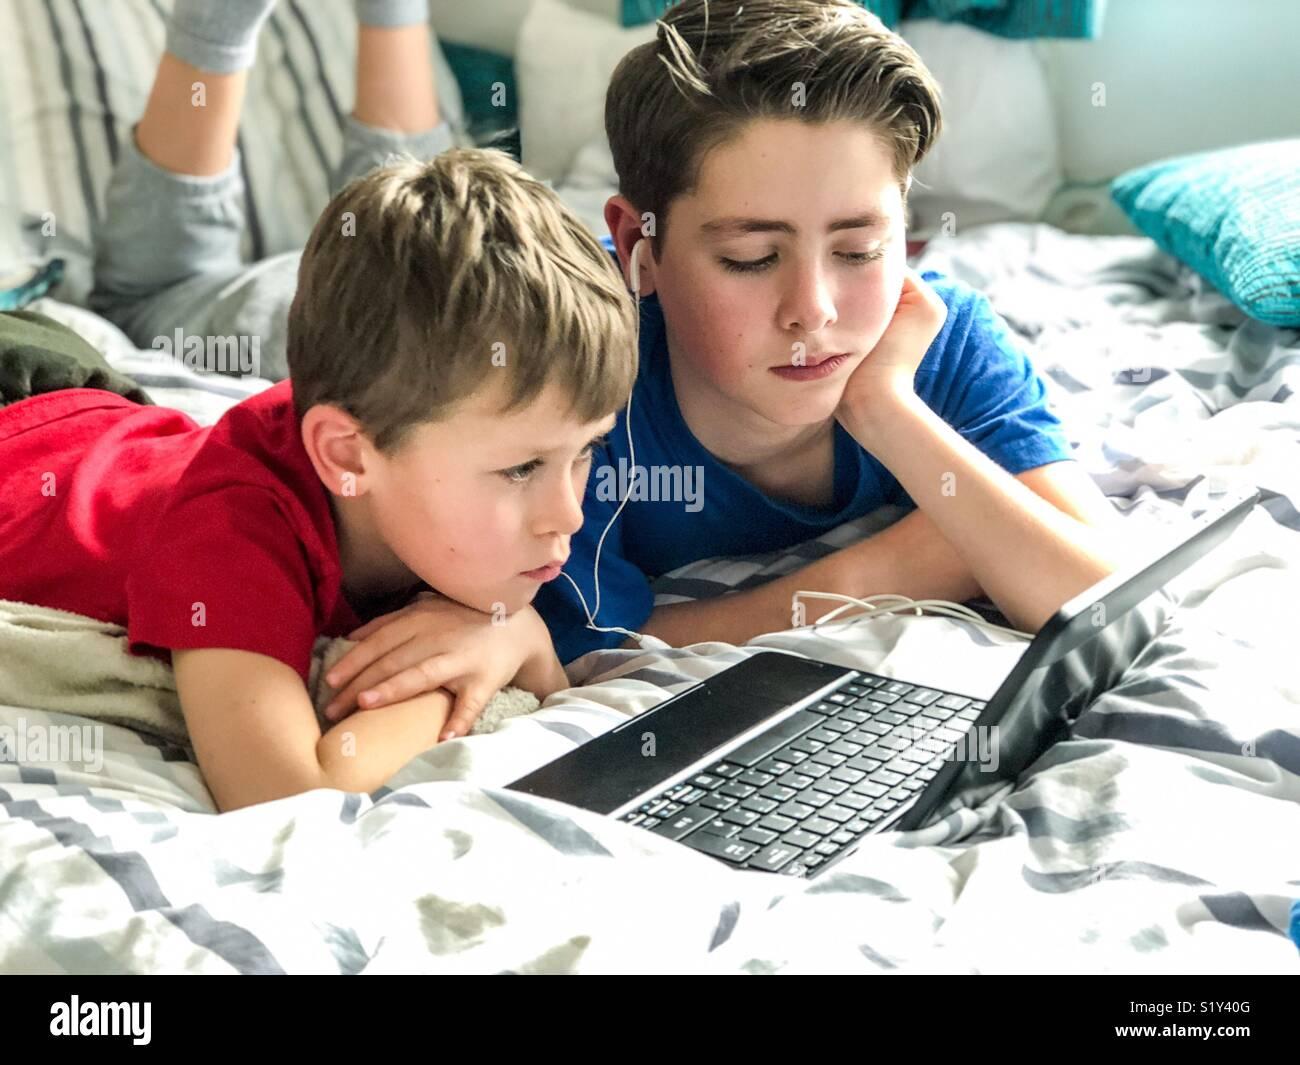 Due giovani ragazzi guardare YouTube su una rilassante domenica pomeriggio nel Regno Unito. Immagini Stock